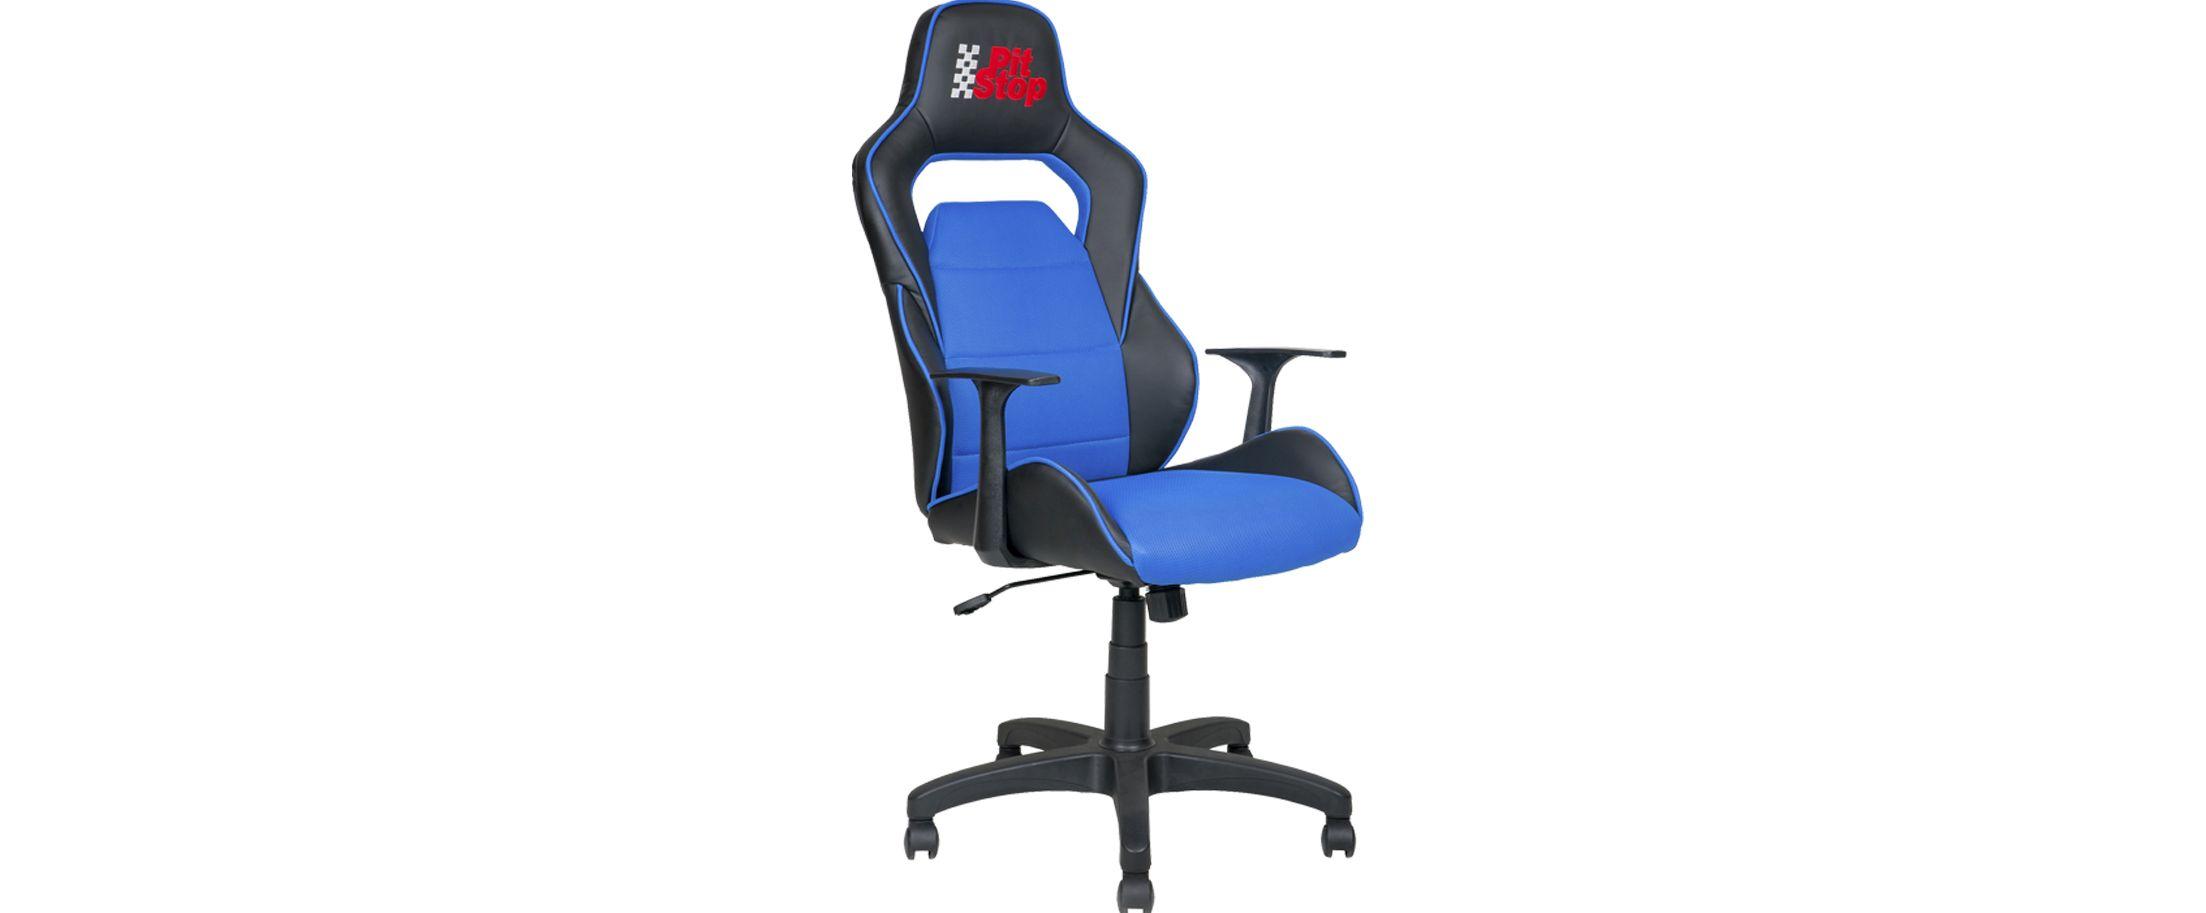 Кресло офисное AV 140 цвет черный/синий Модель 999Кресло офисное AV 140 цвет черный/синий  Модель 999. Артикул Д000737<br>